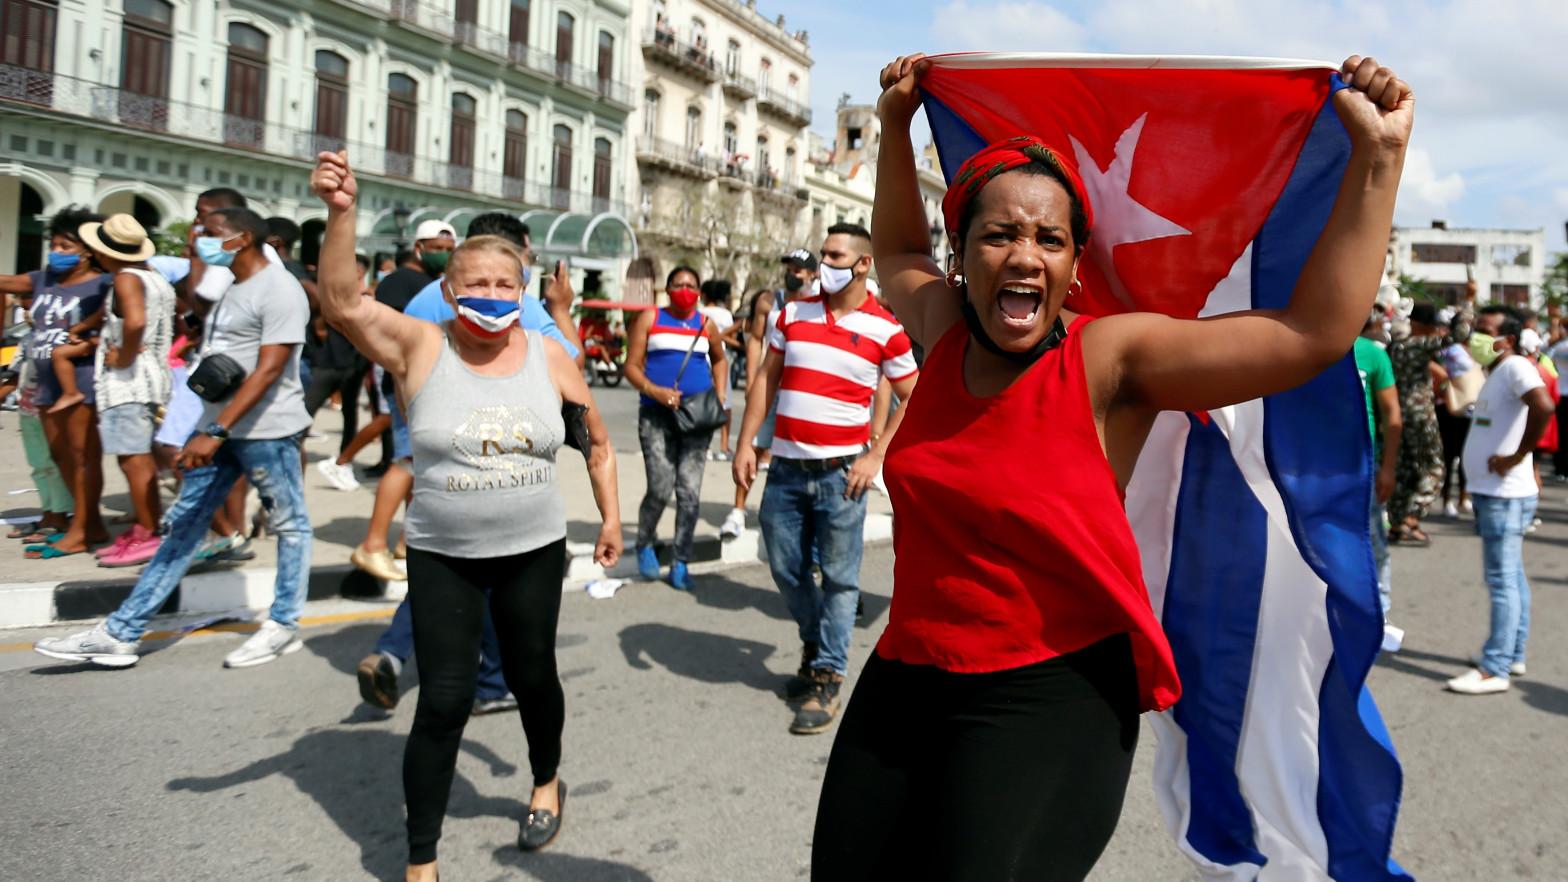 El régimen cubano reprime pero no acalla las históricas manifestaciones por la libertad